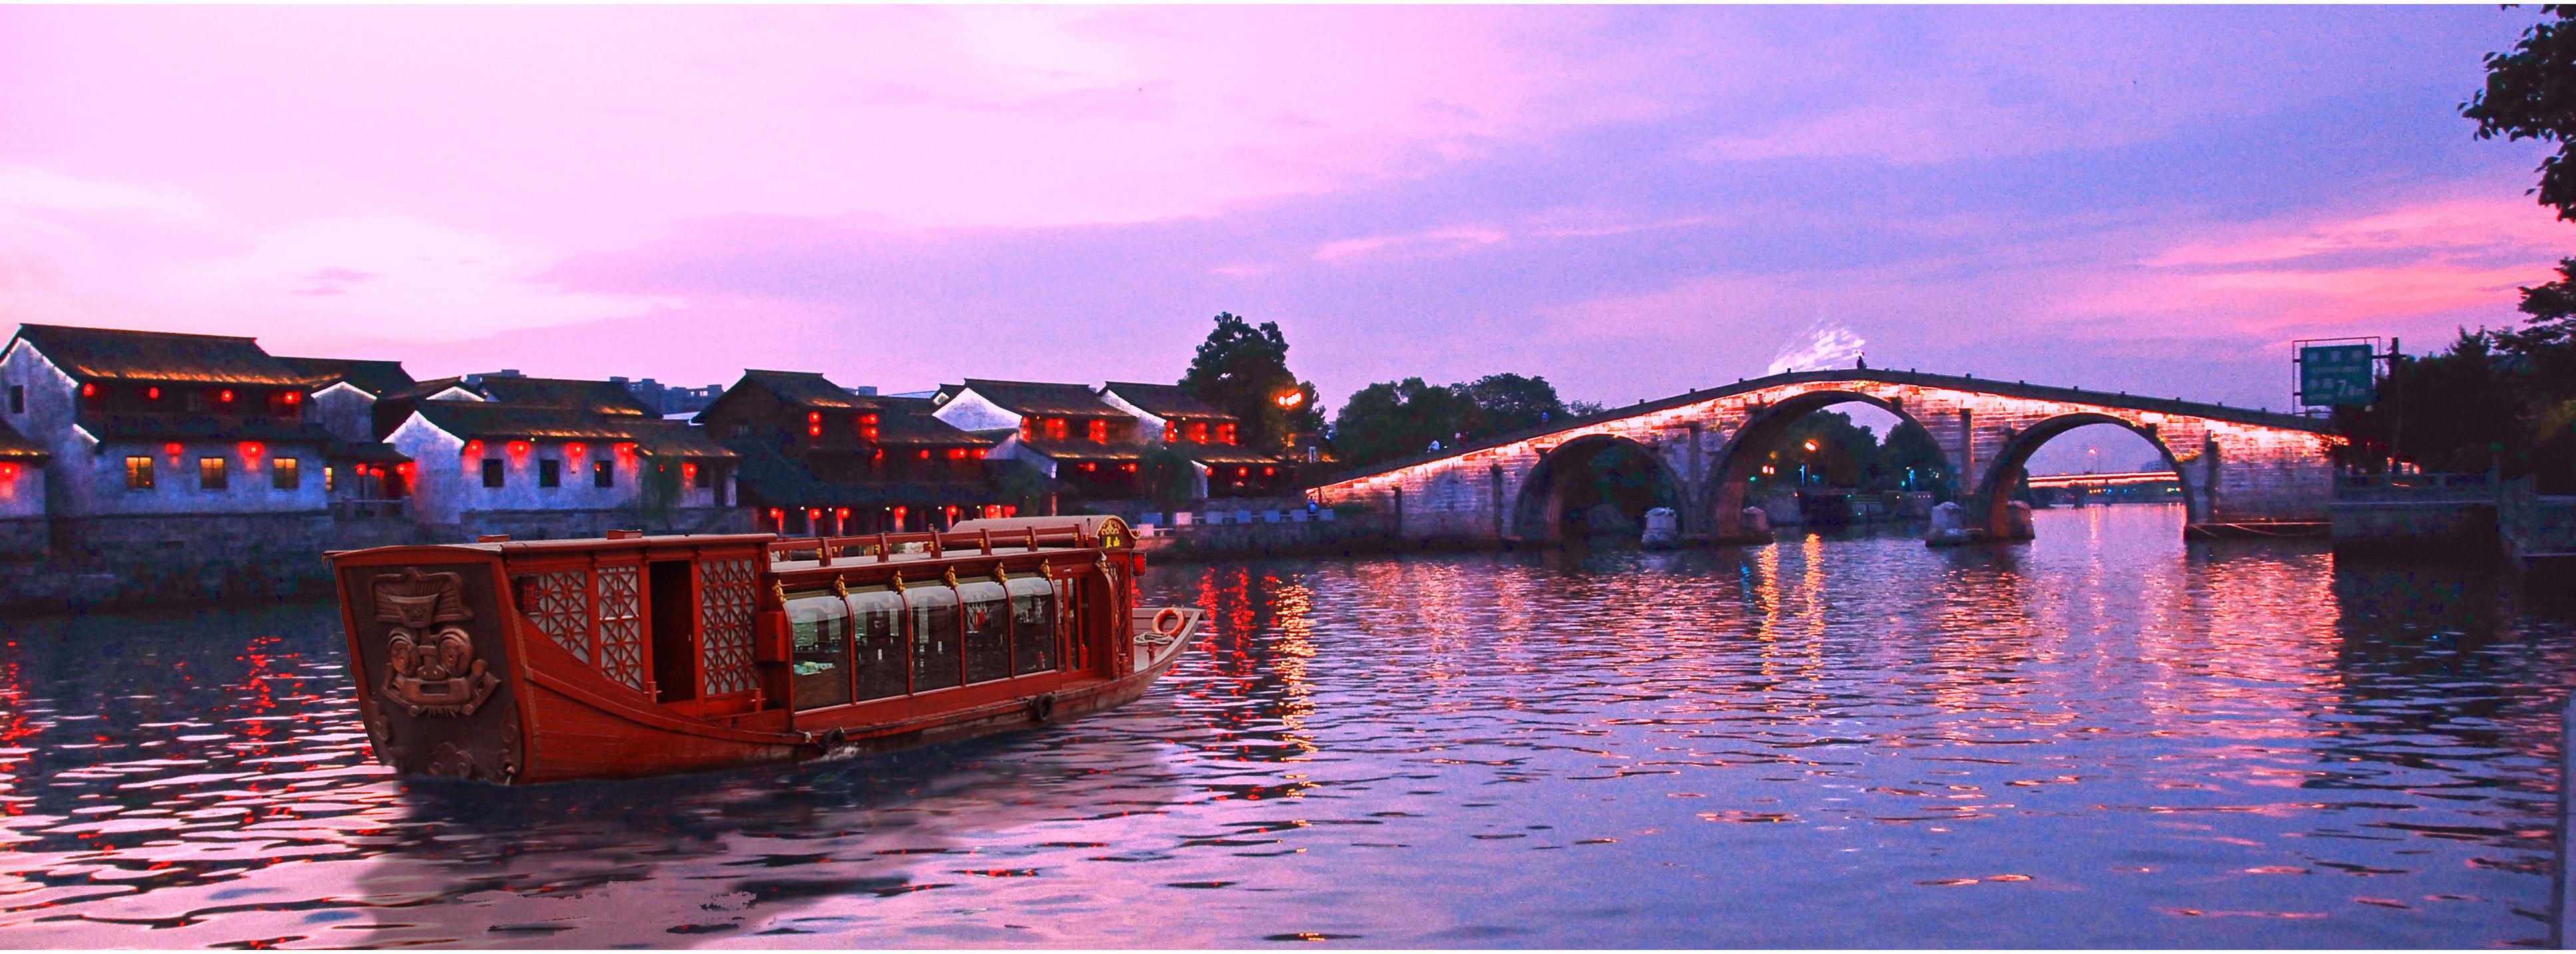 杭州京杭大運河PPT背景圖片免費下載是由PPT寶藏(www.pptbz.com)會員zengmin上傳推薦的風景PPT背景圖片, 更新時間為2016-11-13,素材編號111137。 京杭大運河,是中國也是世界上最長的古代運河。北起北京,南至杭州,流經天津、河北、山東、江蘇和浙江四省兩市,溝通海河、黃河、淮河、長江和錢塘江五大水系,全長1794千米。 京杭大運河全長1794千米,公元前486年開始建造。春秋末期,吳國為北伐齊國爭霸中原,在江蘇揚州附近開鑿了一條引長江水入淮的運河(稱邗溝),以后在這基礎上